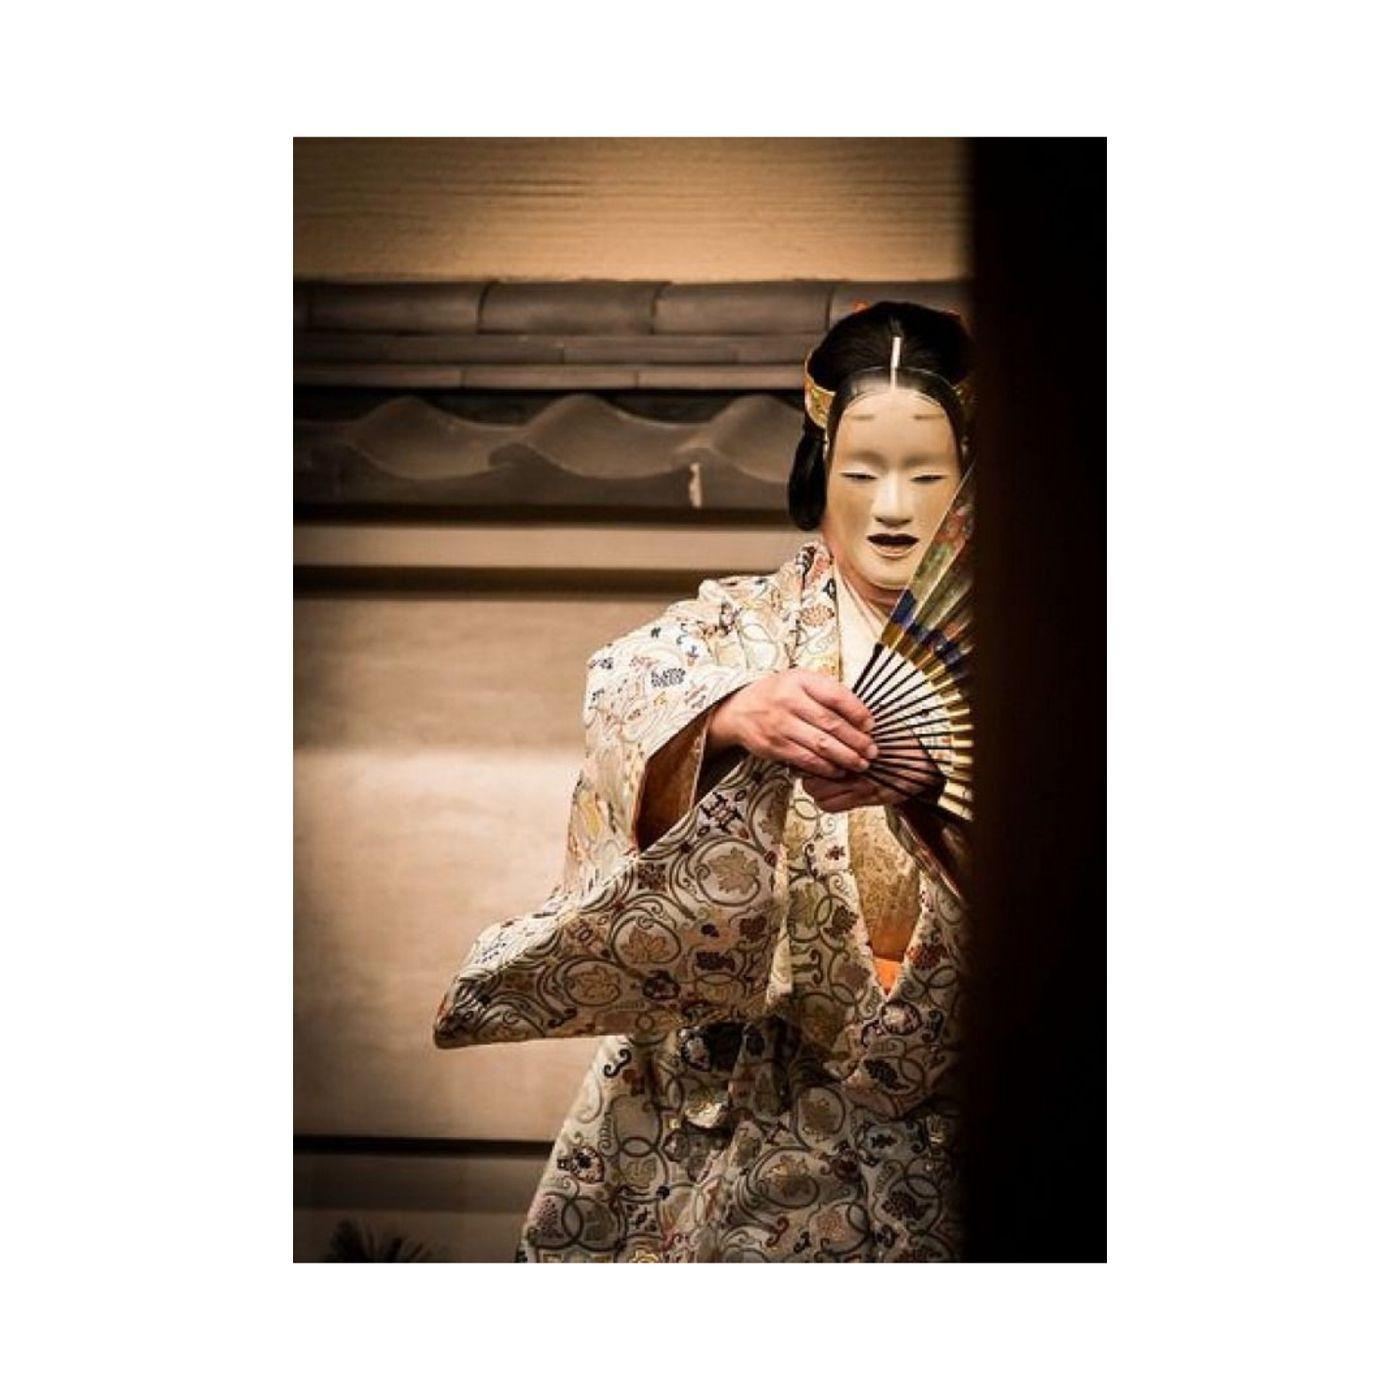 Teatro tradizionale, società e buone maniere